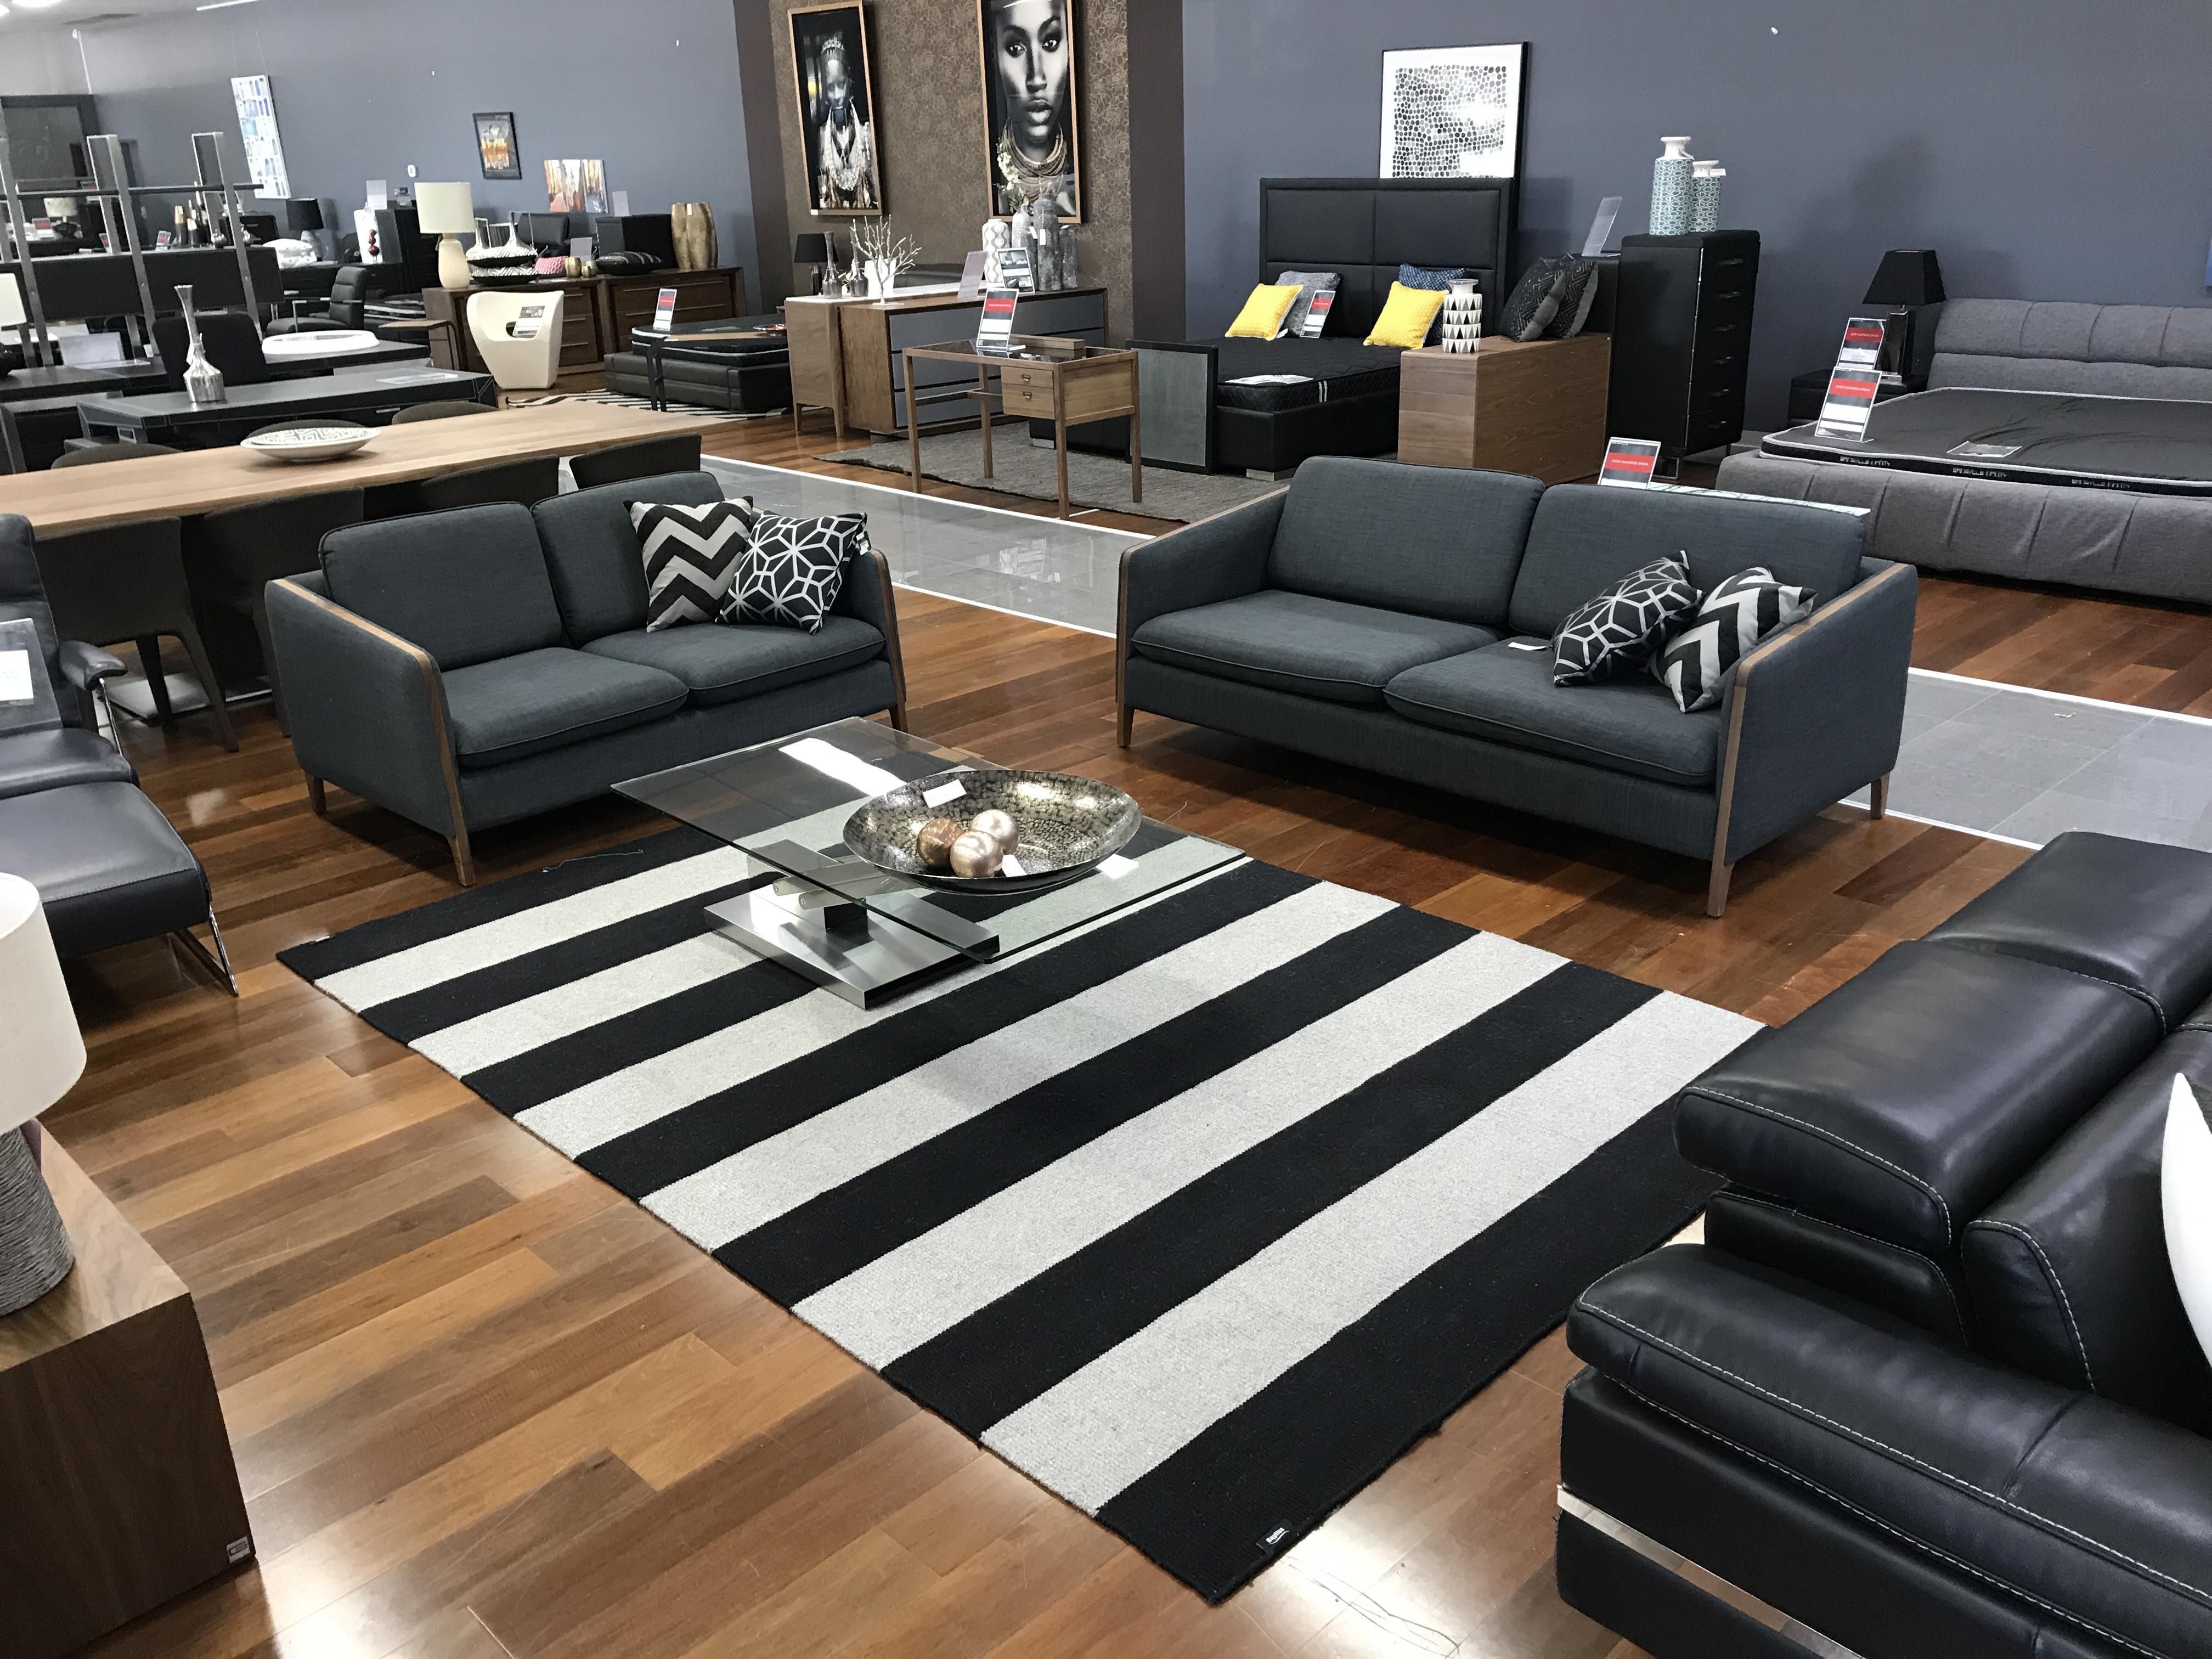 How to find the best designer furniture shops in melbourne